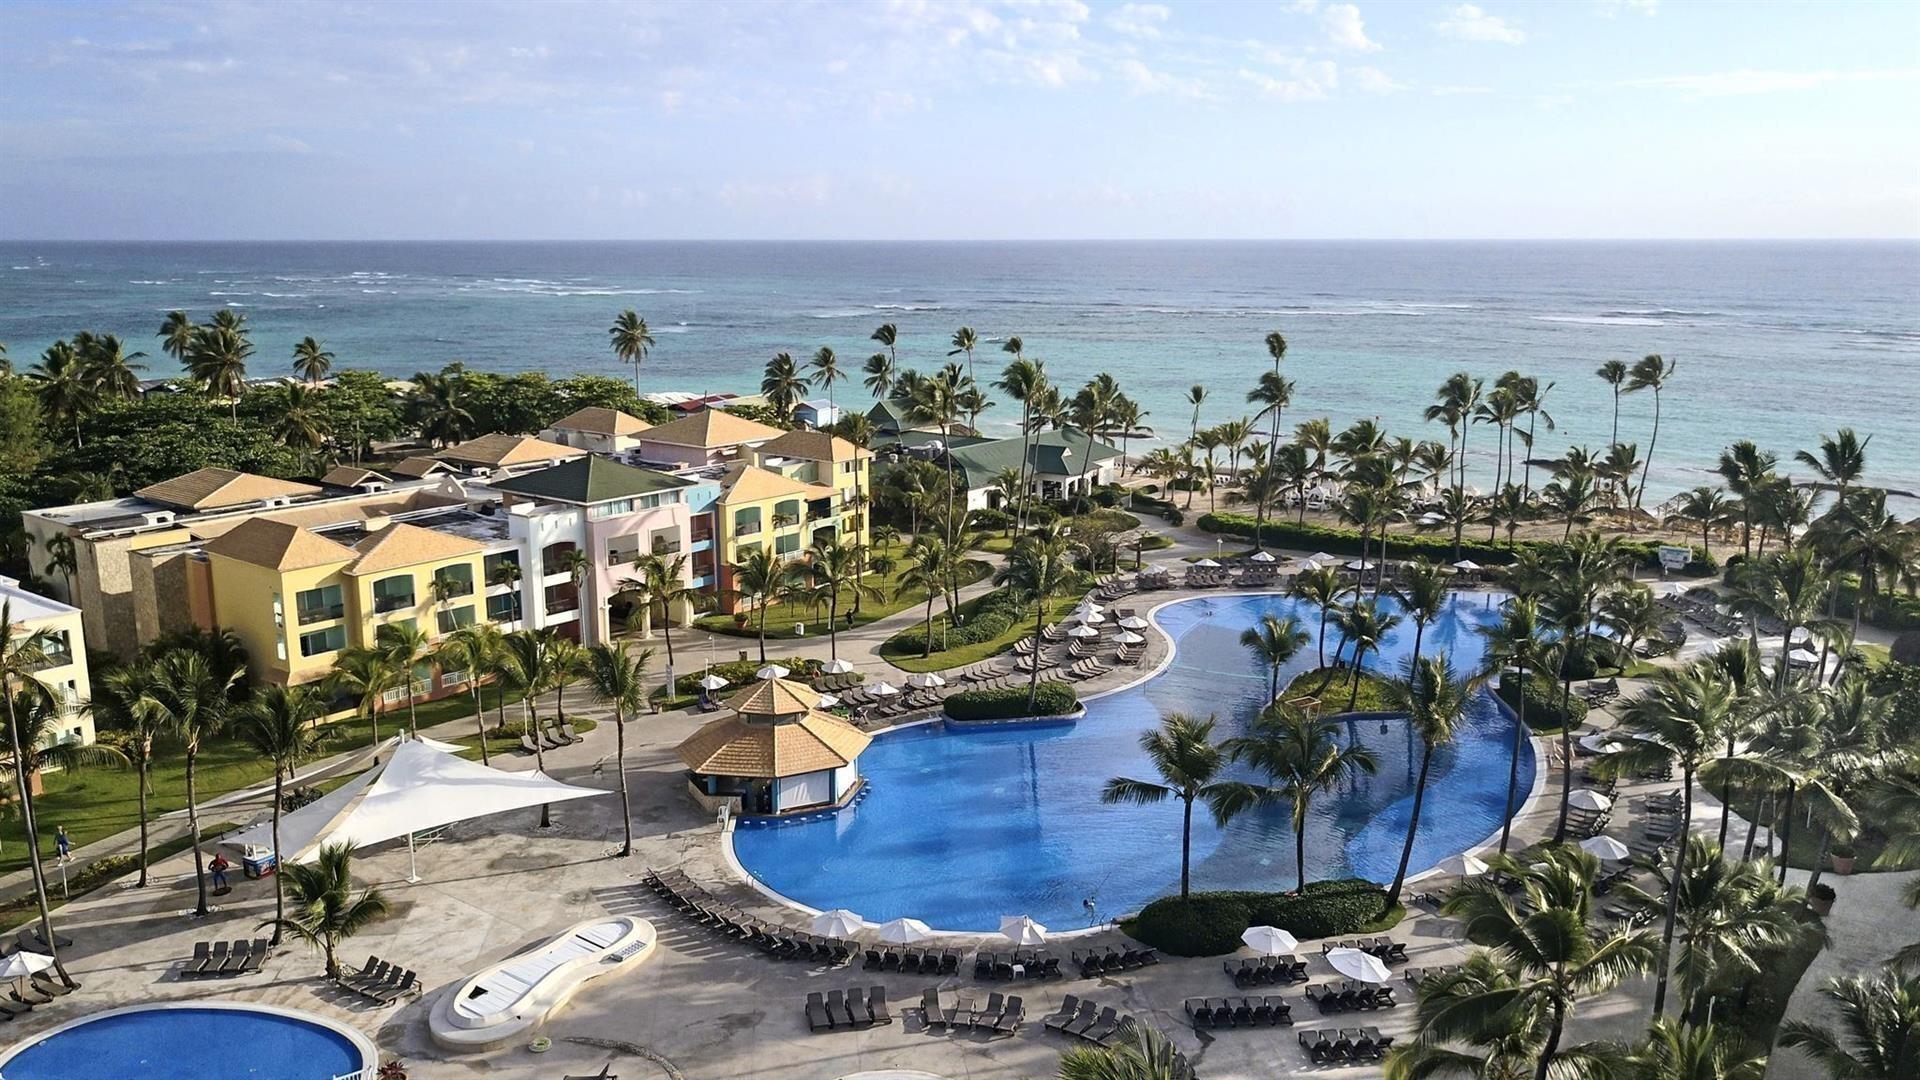 Отель в доминикане купить недвижимость за криптовалюты что это